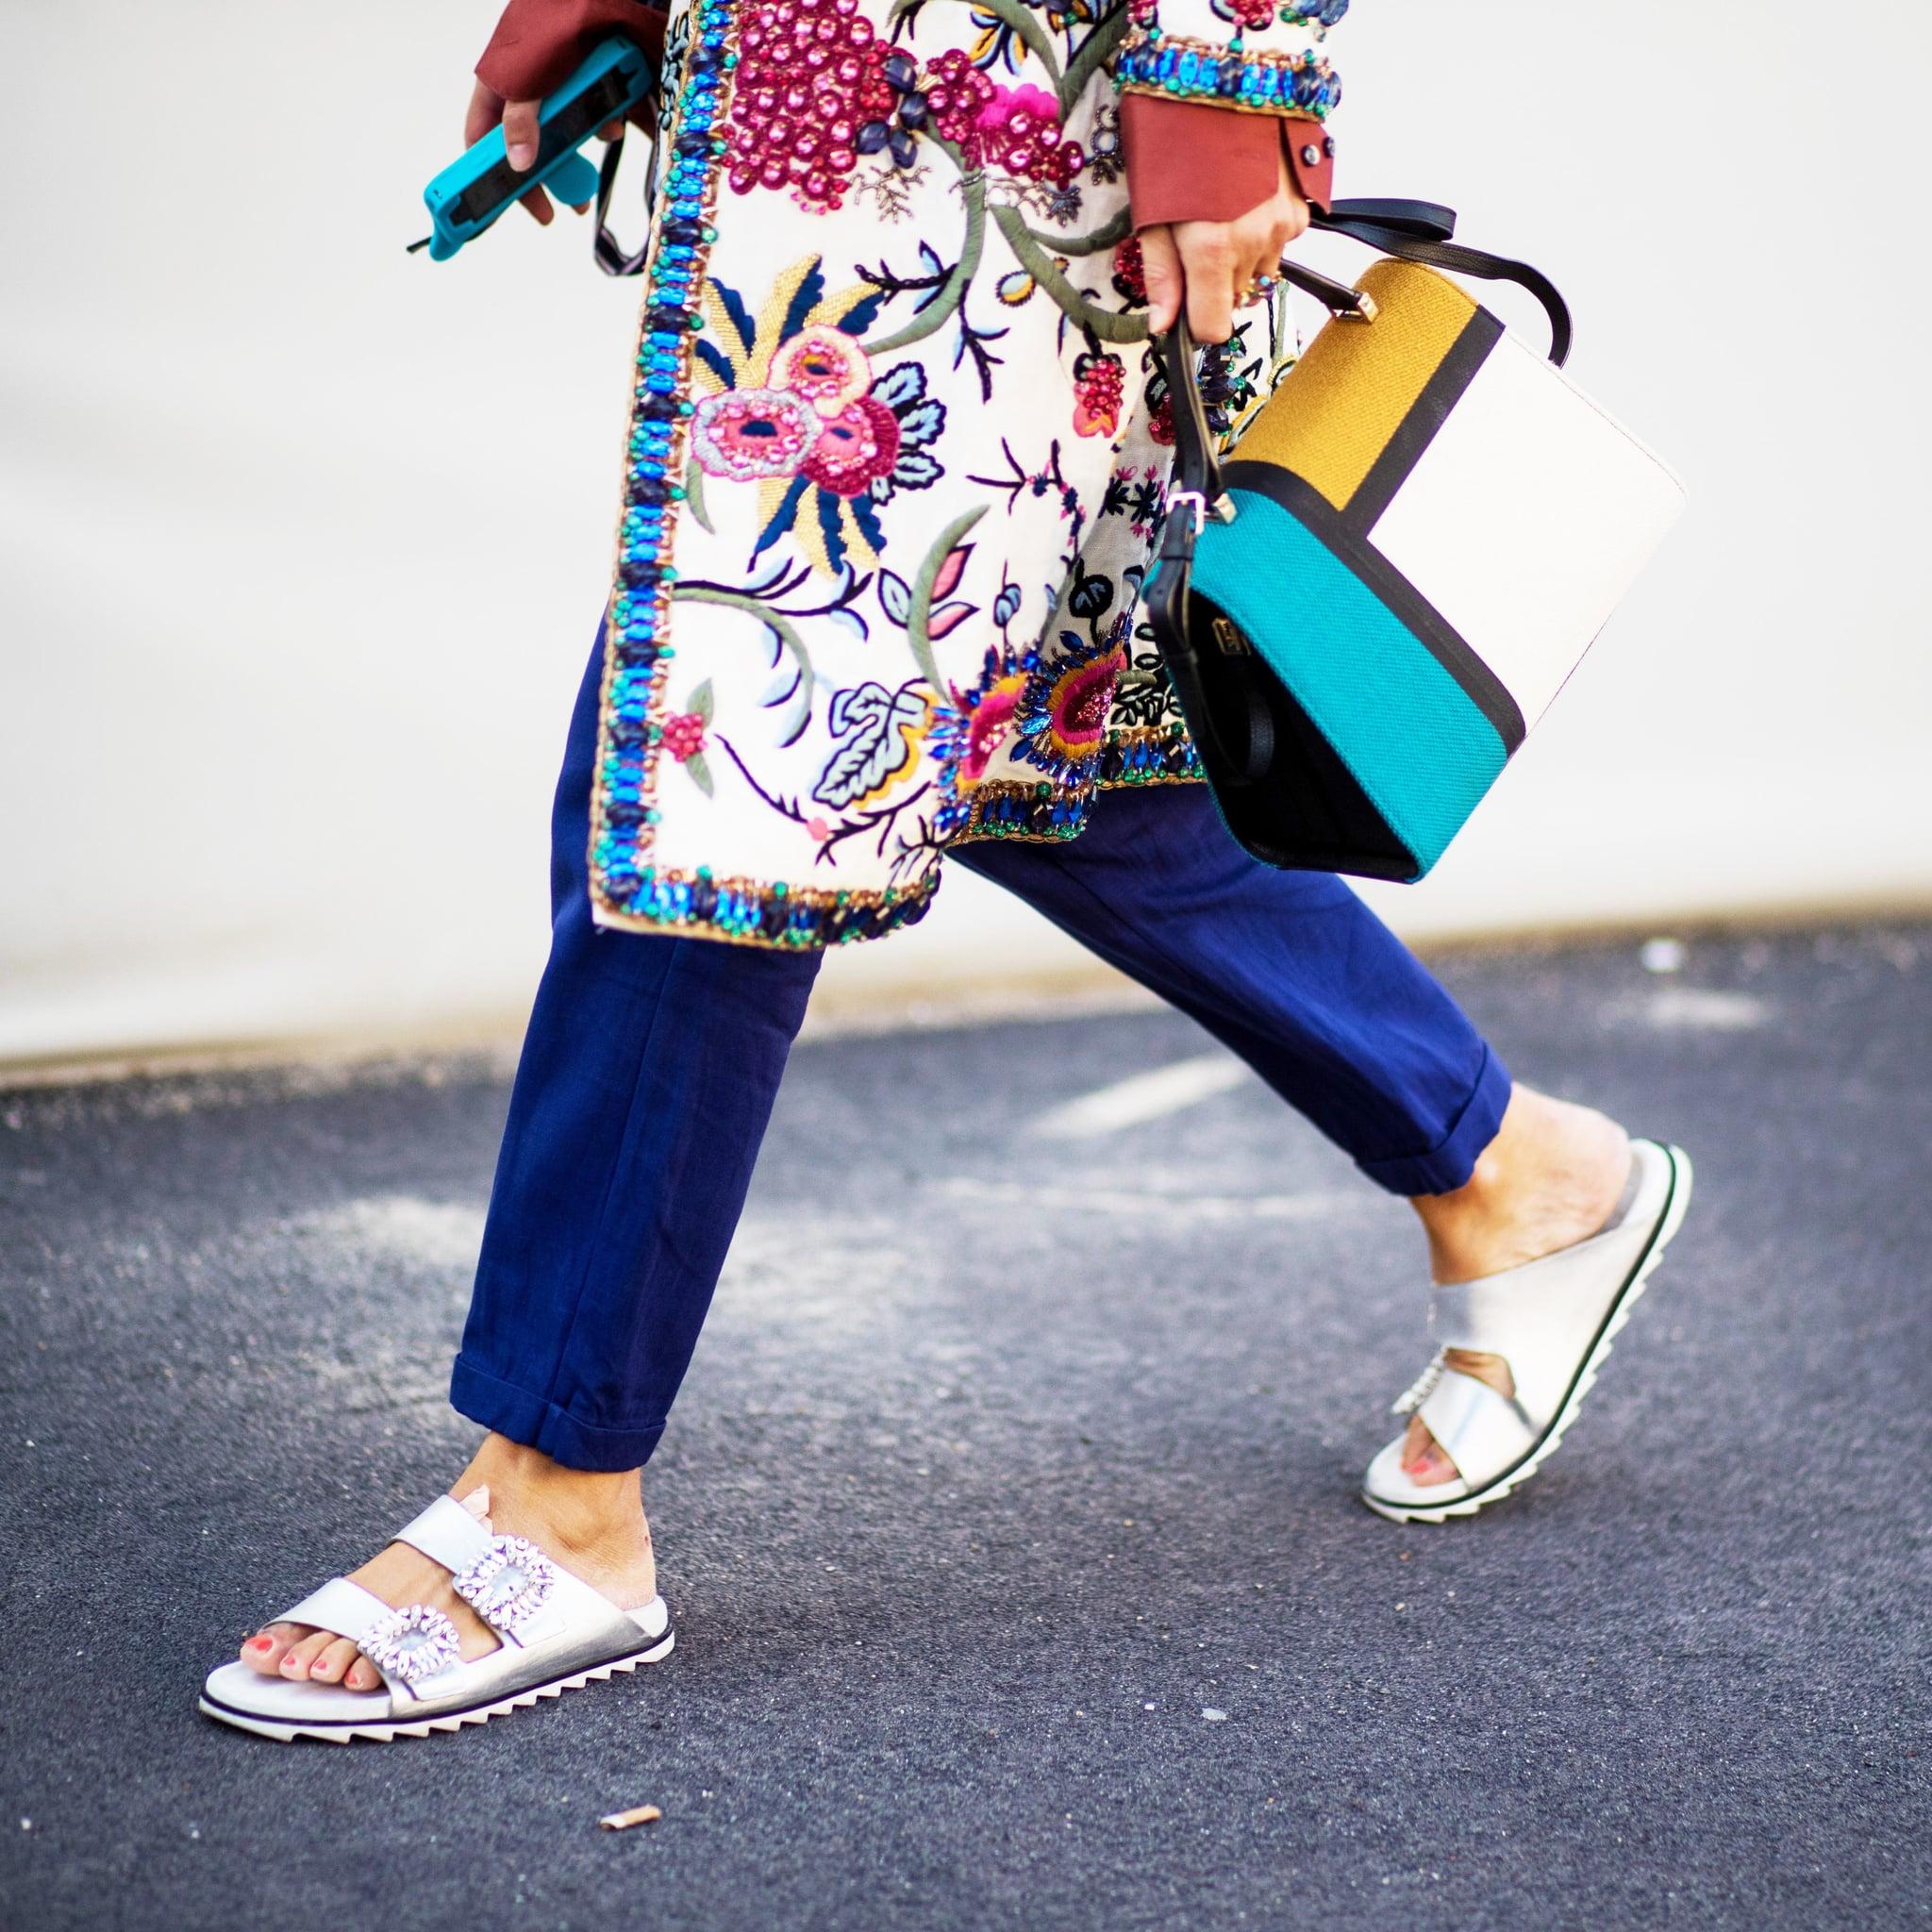 How to Wear Birkenstock Sandals | POPSUGAR Fashion